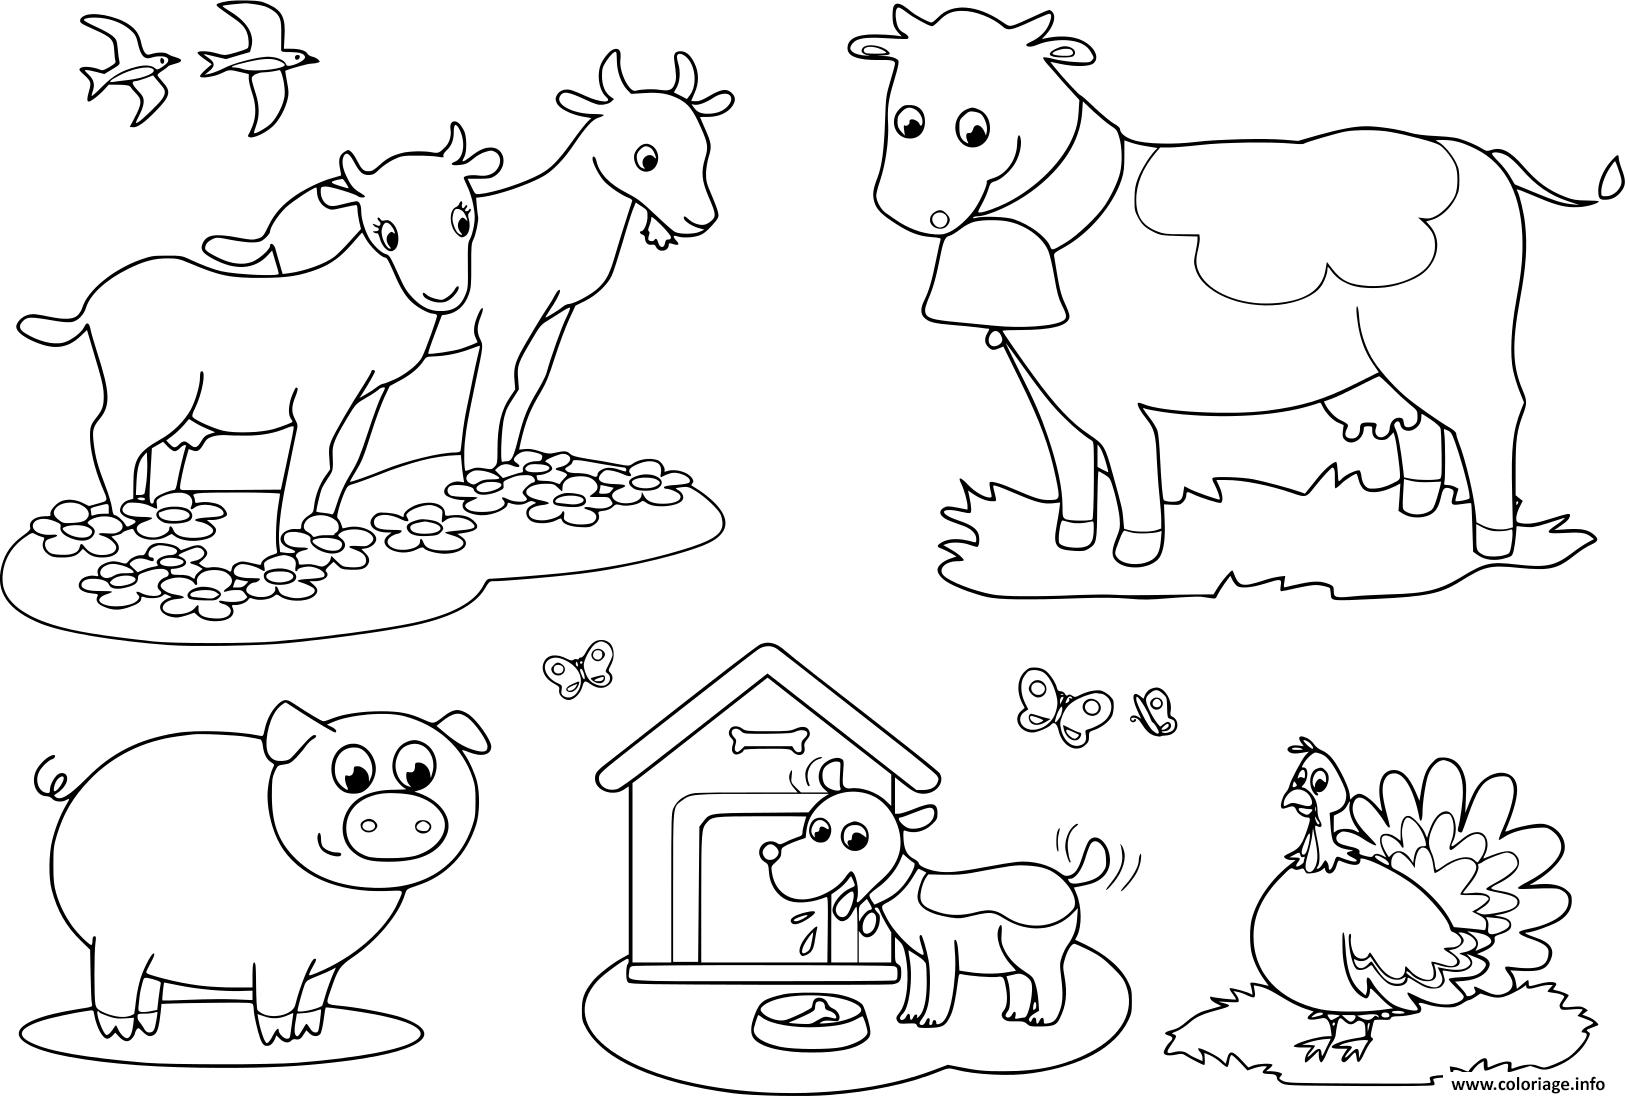 Coloriage Animaux De La Ferme Pour Les Enfants De Chevre avec Dessin Animaux De La Ferme À Imprimer